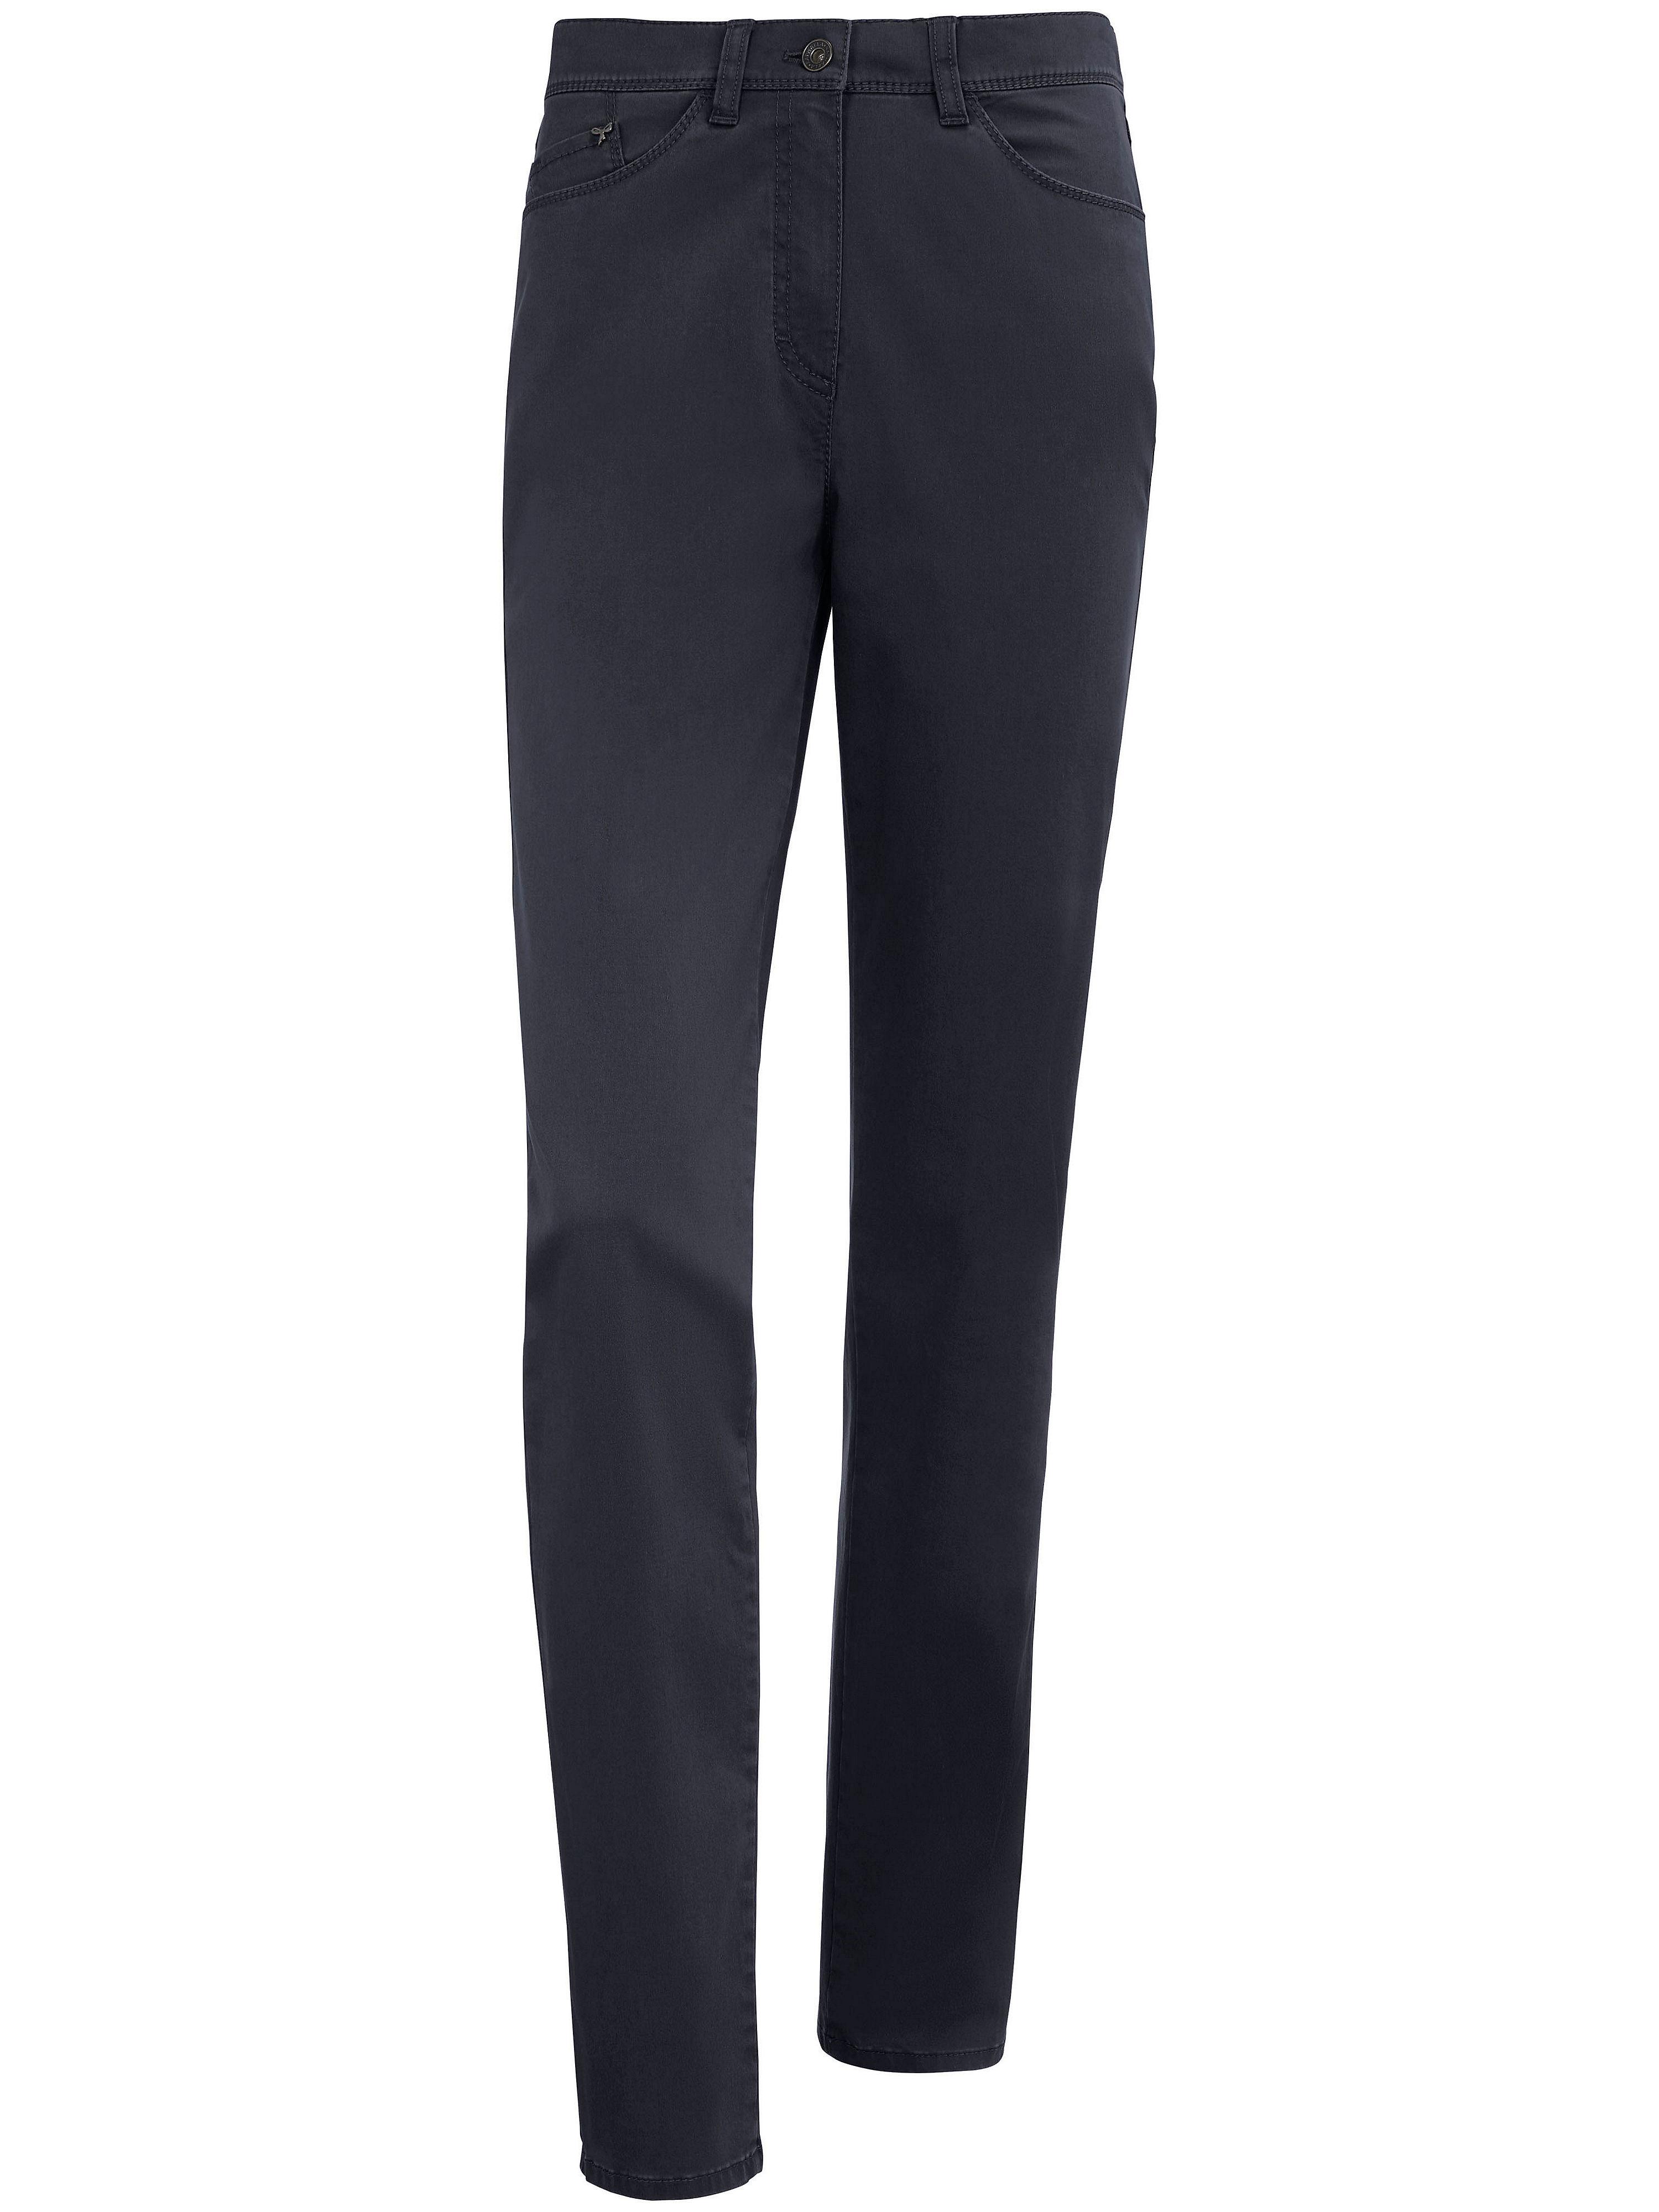 Le pantalon ProForm S Super Slim, modèle Laura  Raphaela by Brax bleu taille 50